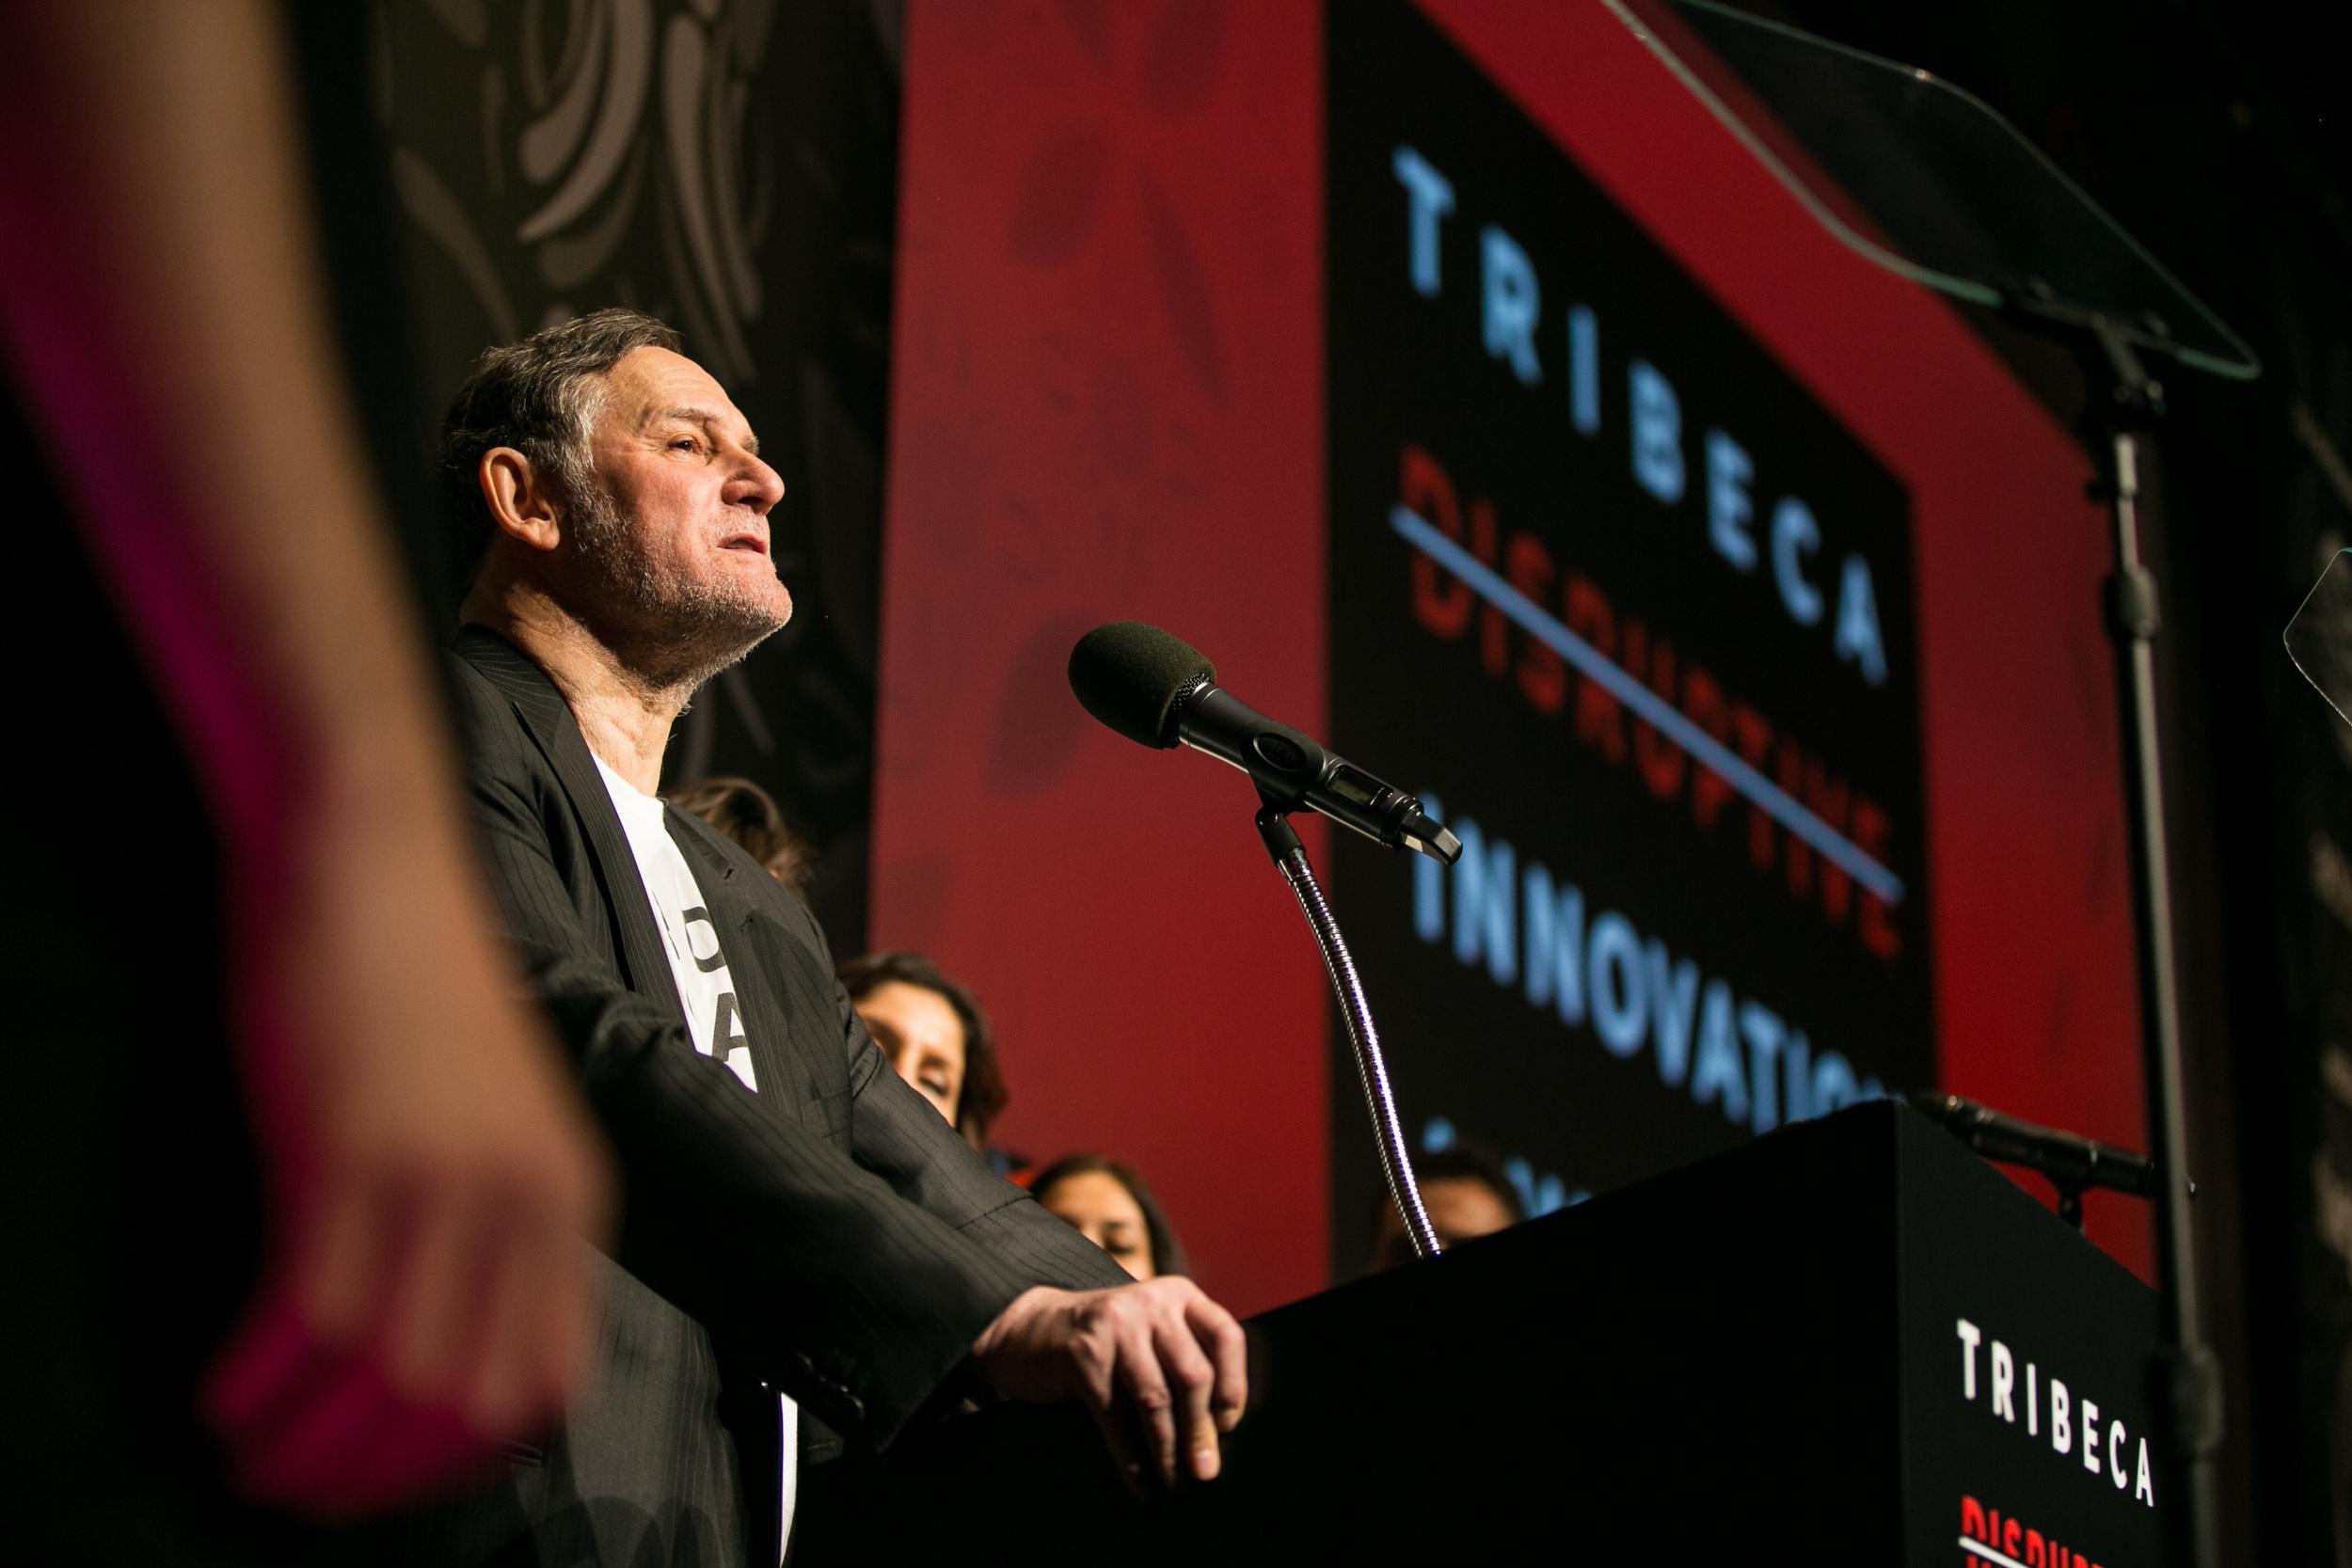 20160422-Tribeca Disruptive Innovation Awards-0200.jpg